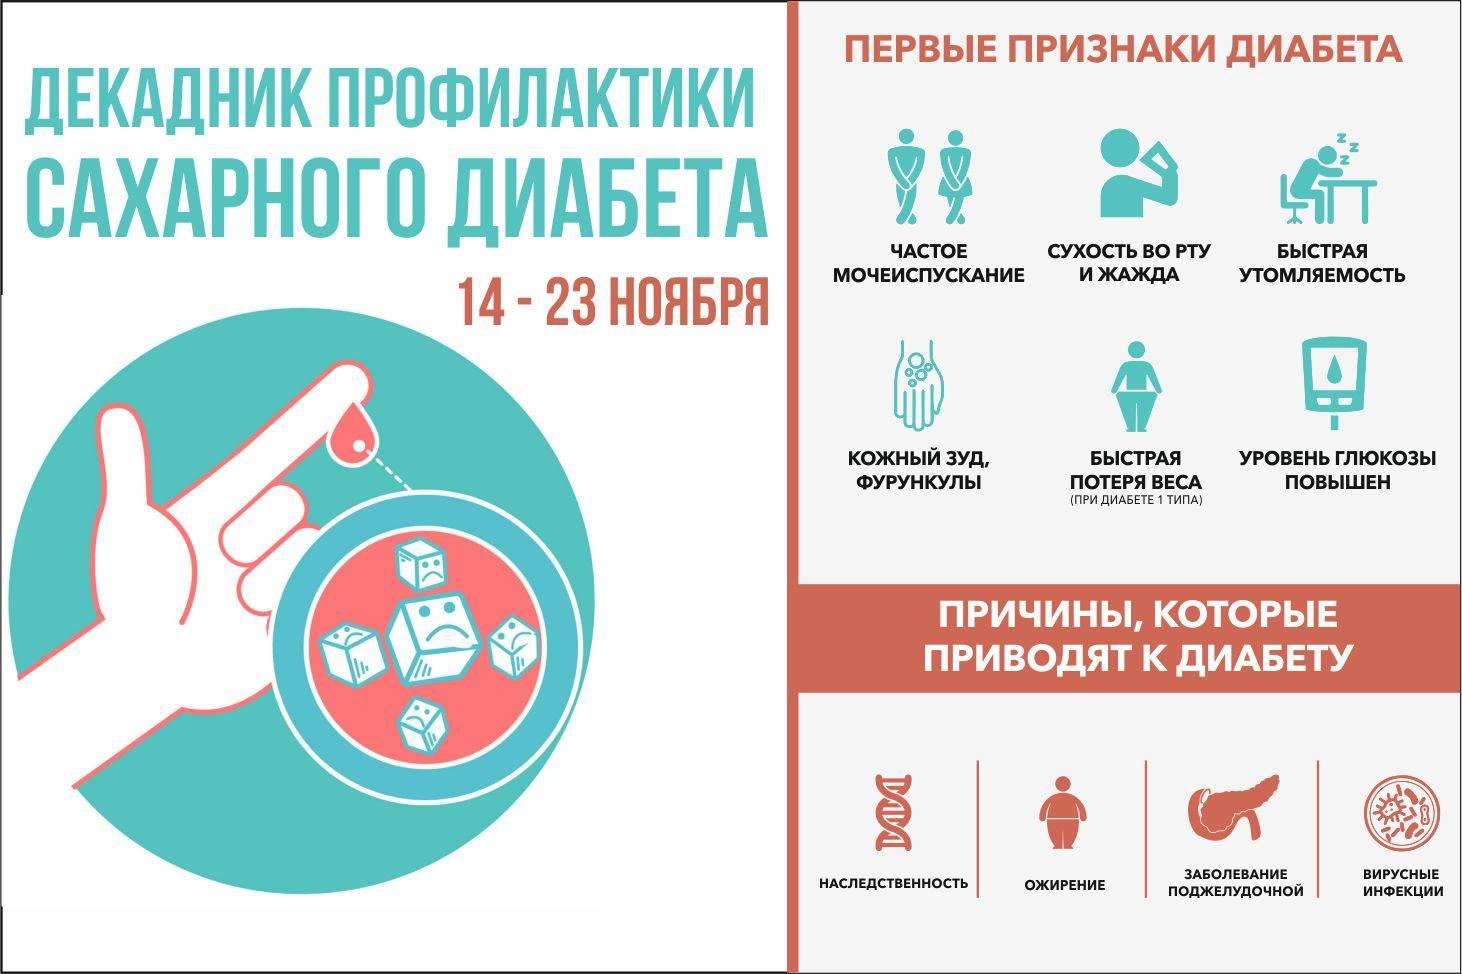 Как избежать сахарный диабет: защититься от заболевания женщинам и мужчинам